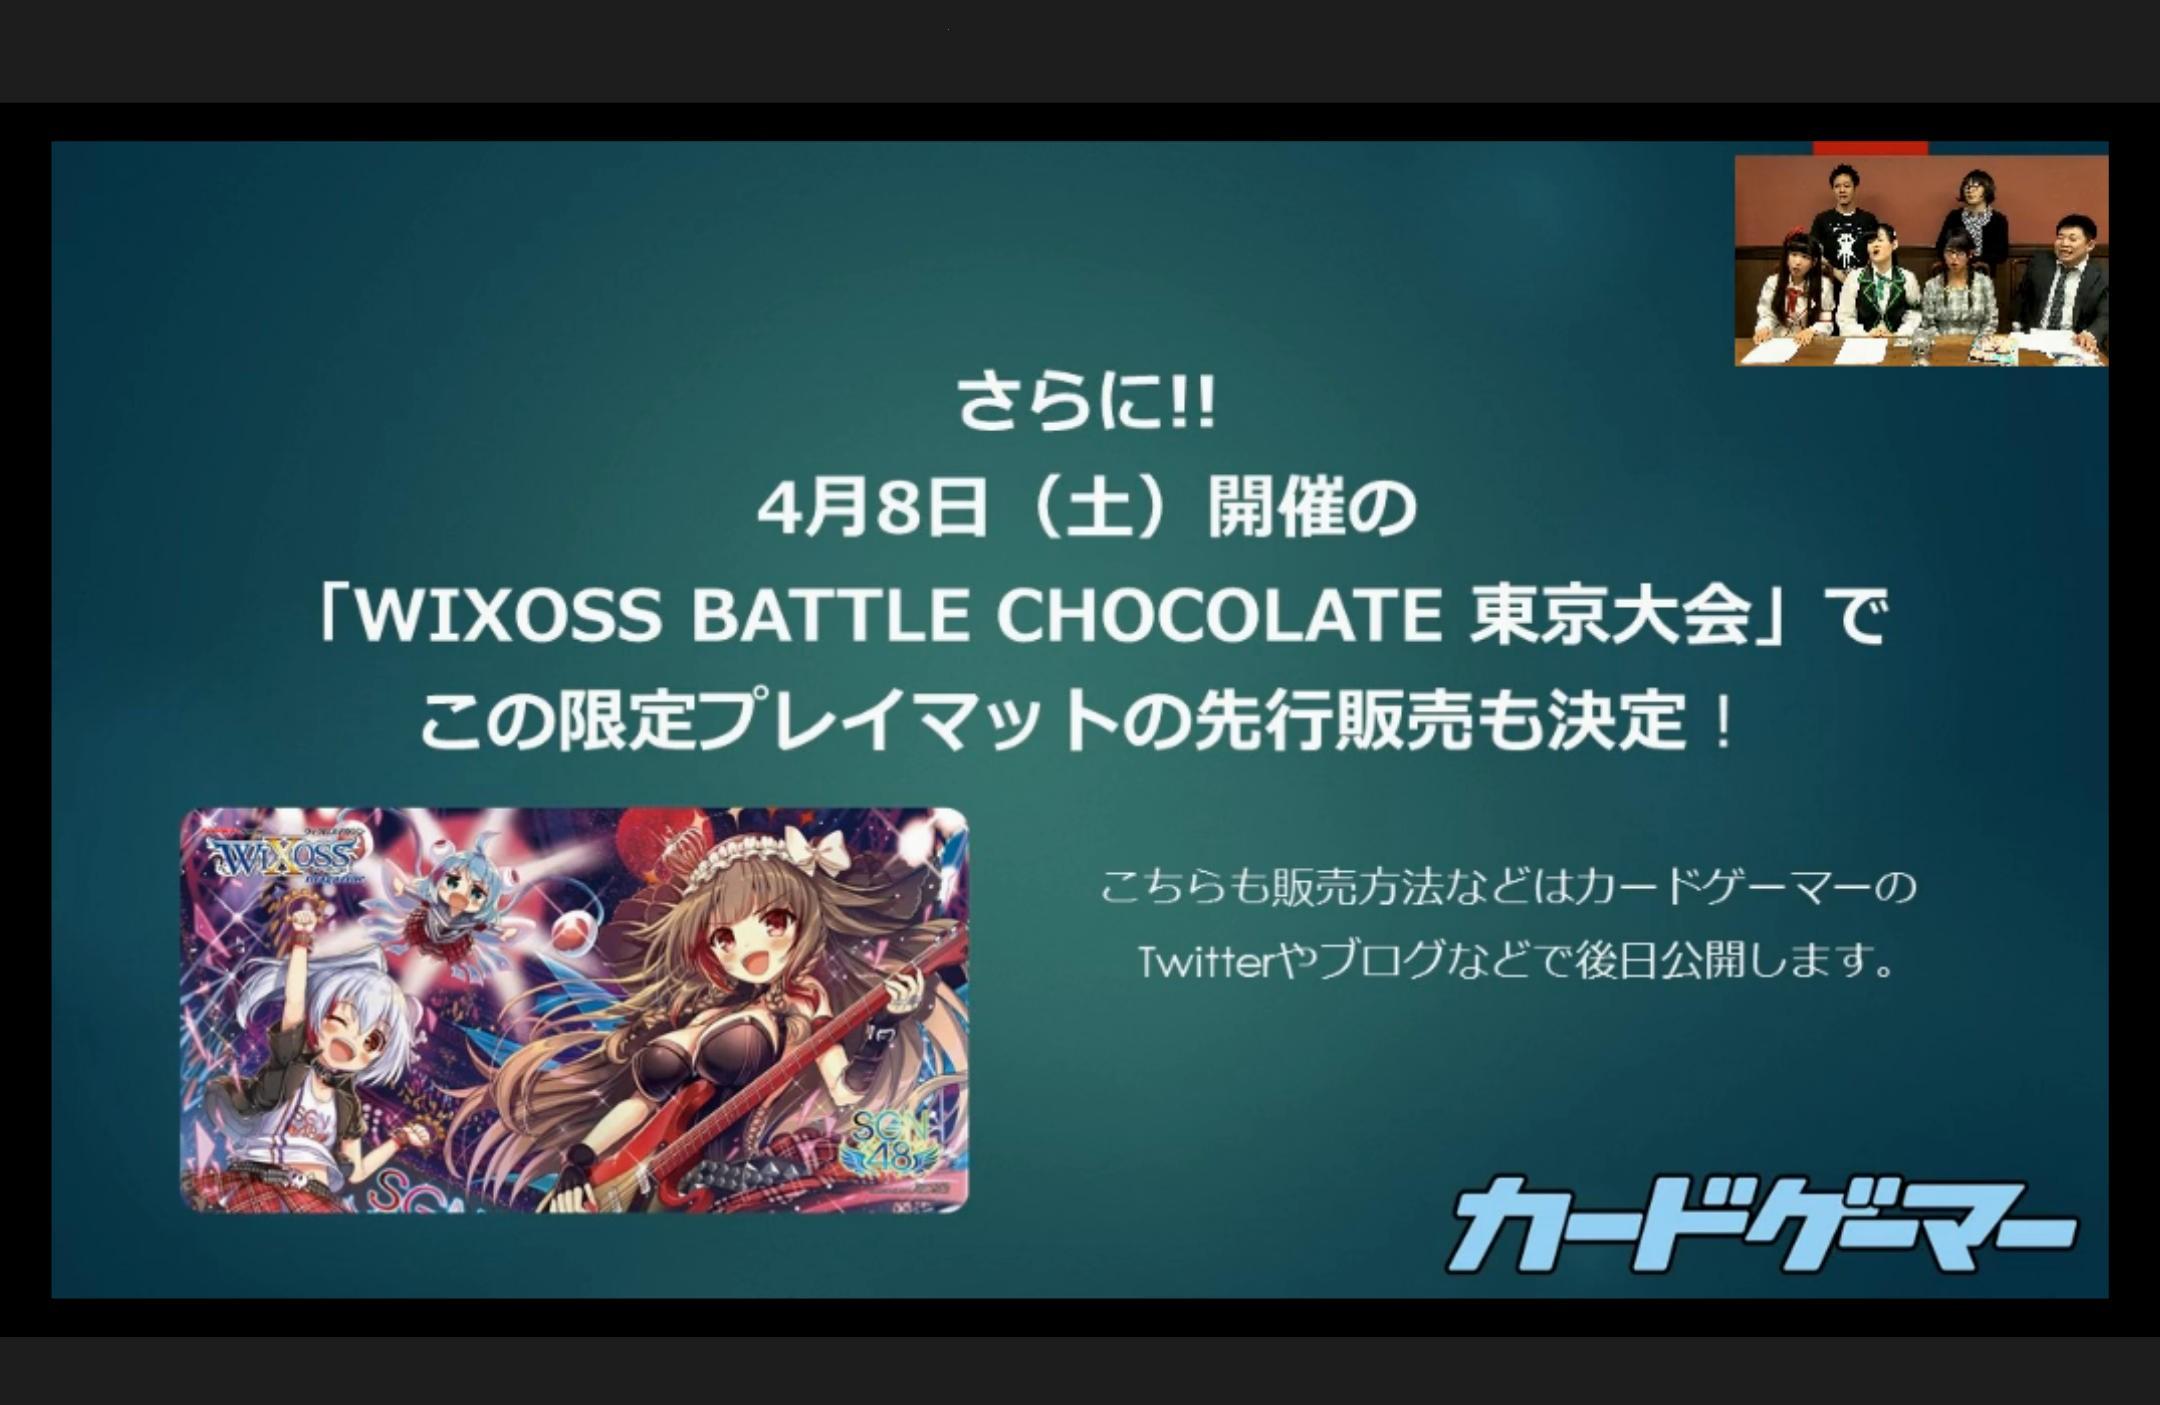 wixoss-live-170329-030.jpg